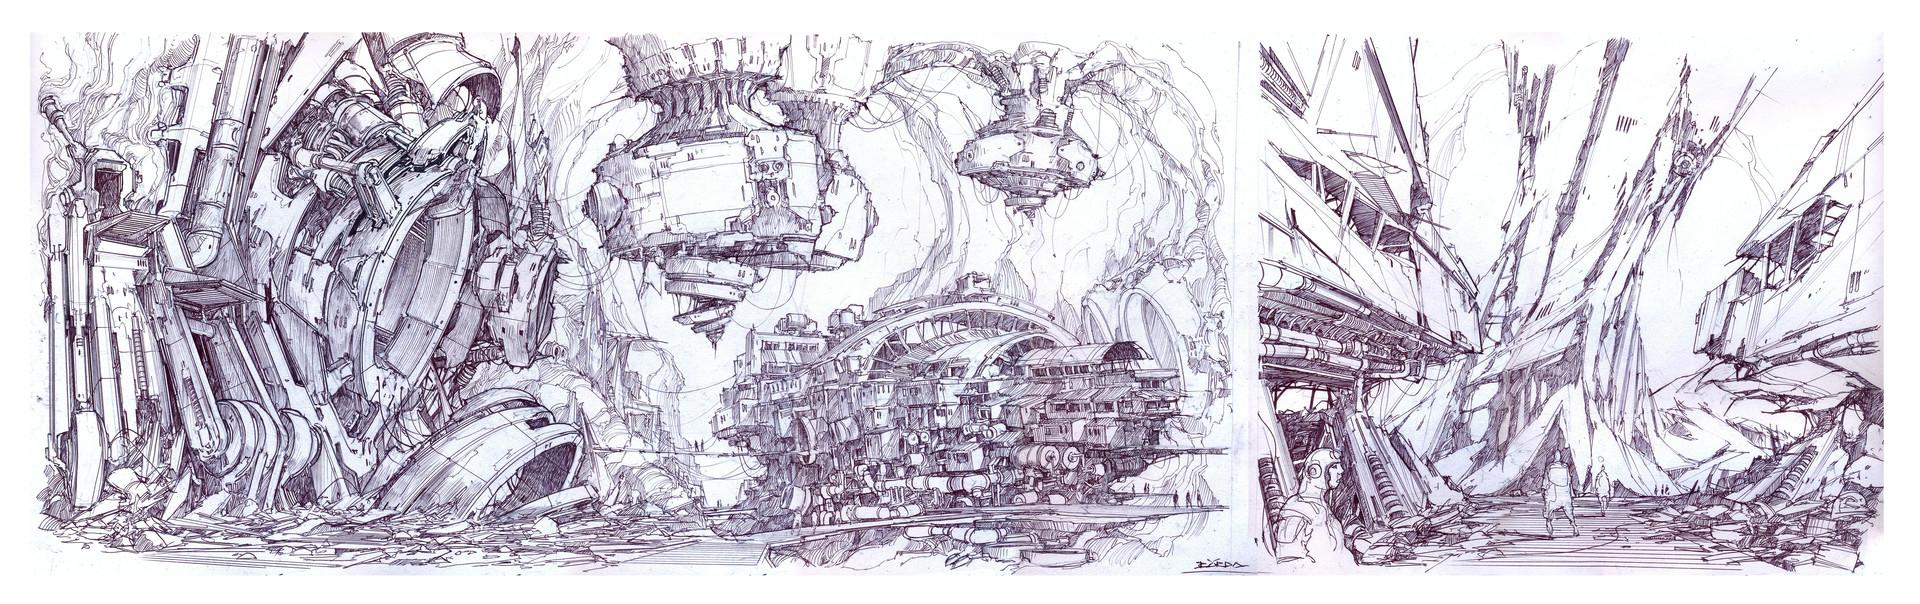 Alejandro burdisio bocetos tek8